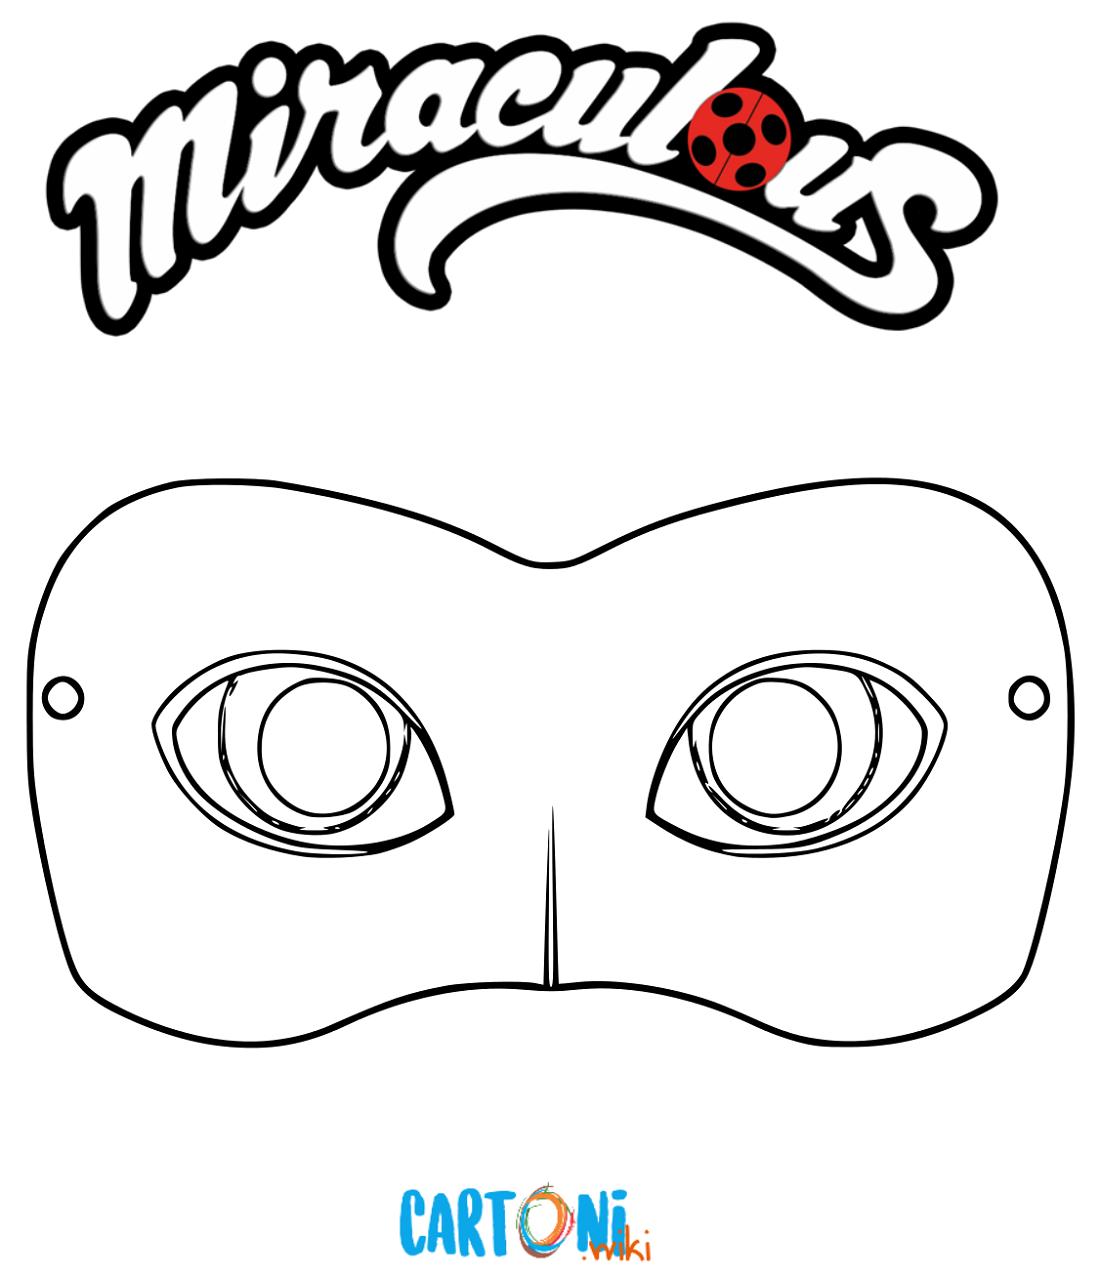 Maschera Chat Noir da stampare e colorare - Maschere da colorare